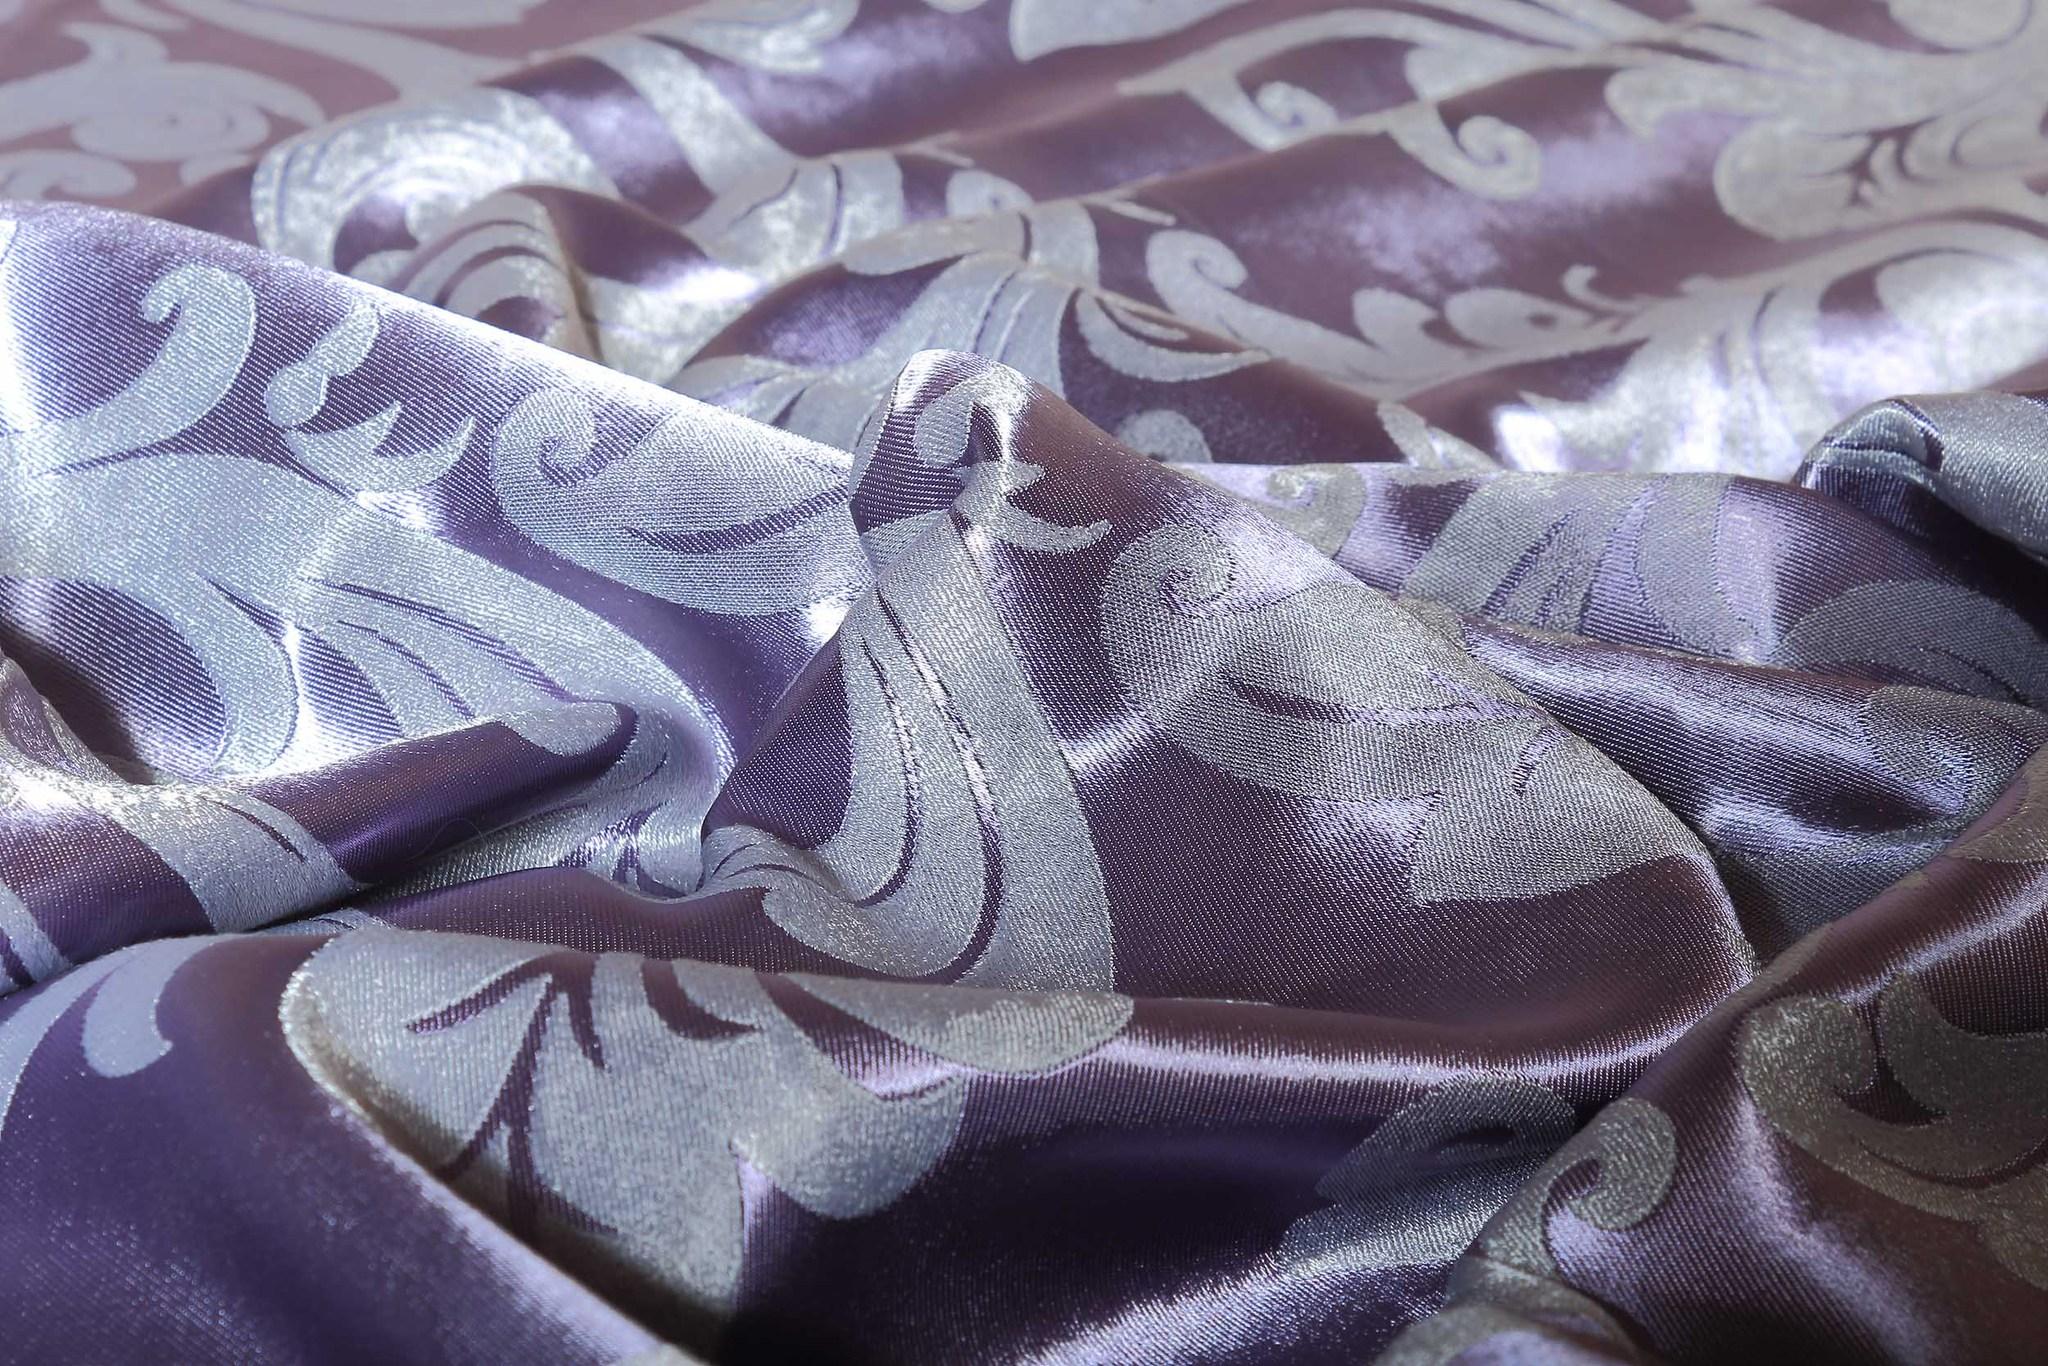 Валенсия (фиолетовый) .Готовая штора блэкаут жаккард с орнаментом в виде вензеля из шенила.